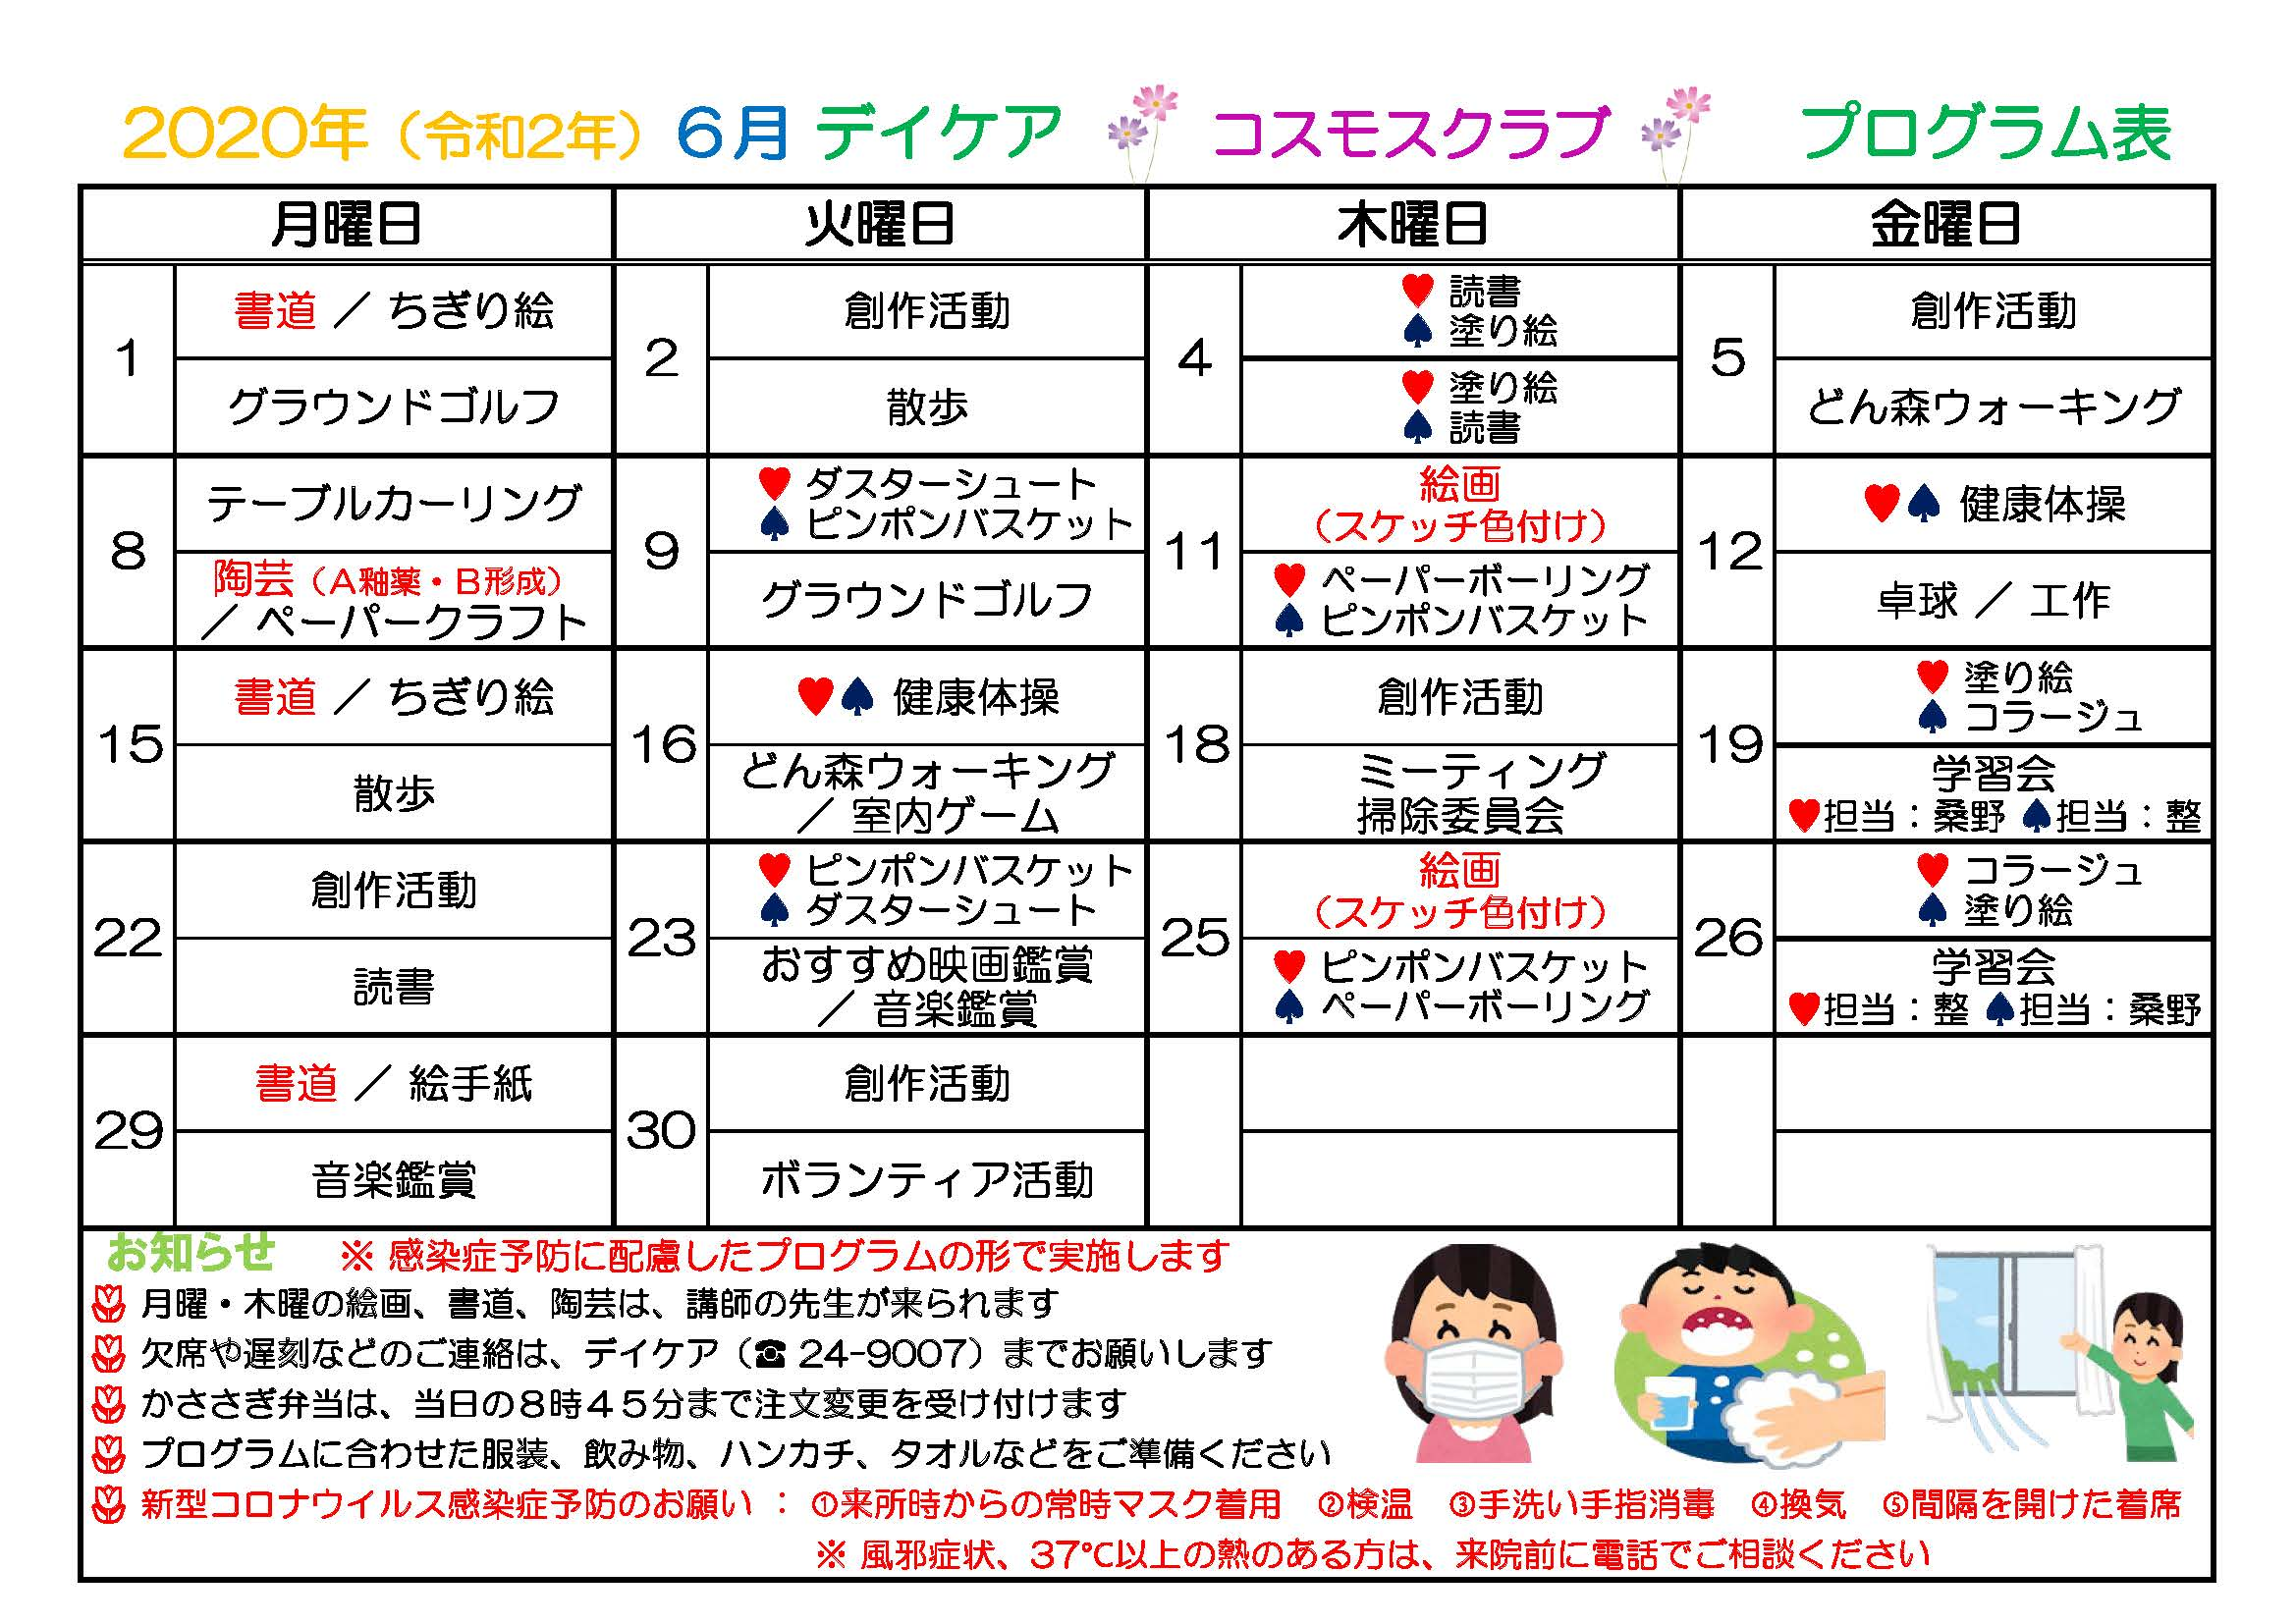 2020年6月プログラム表